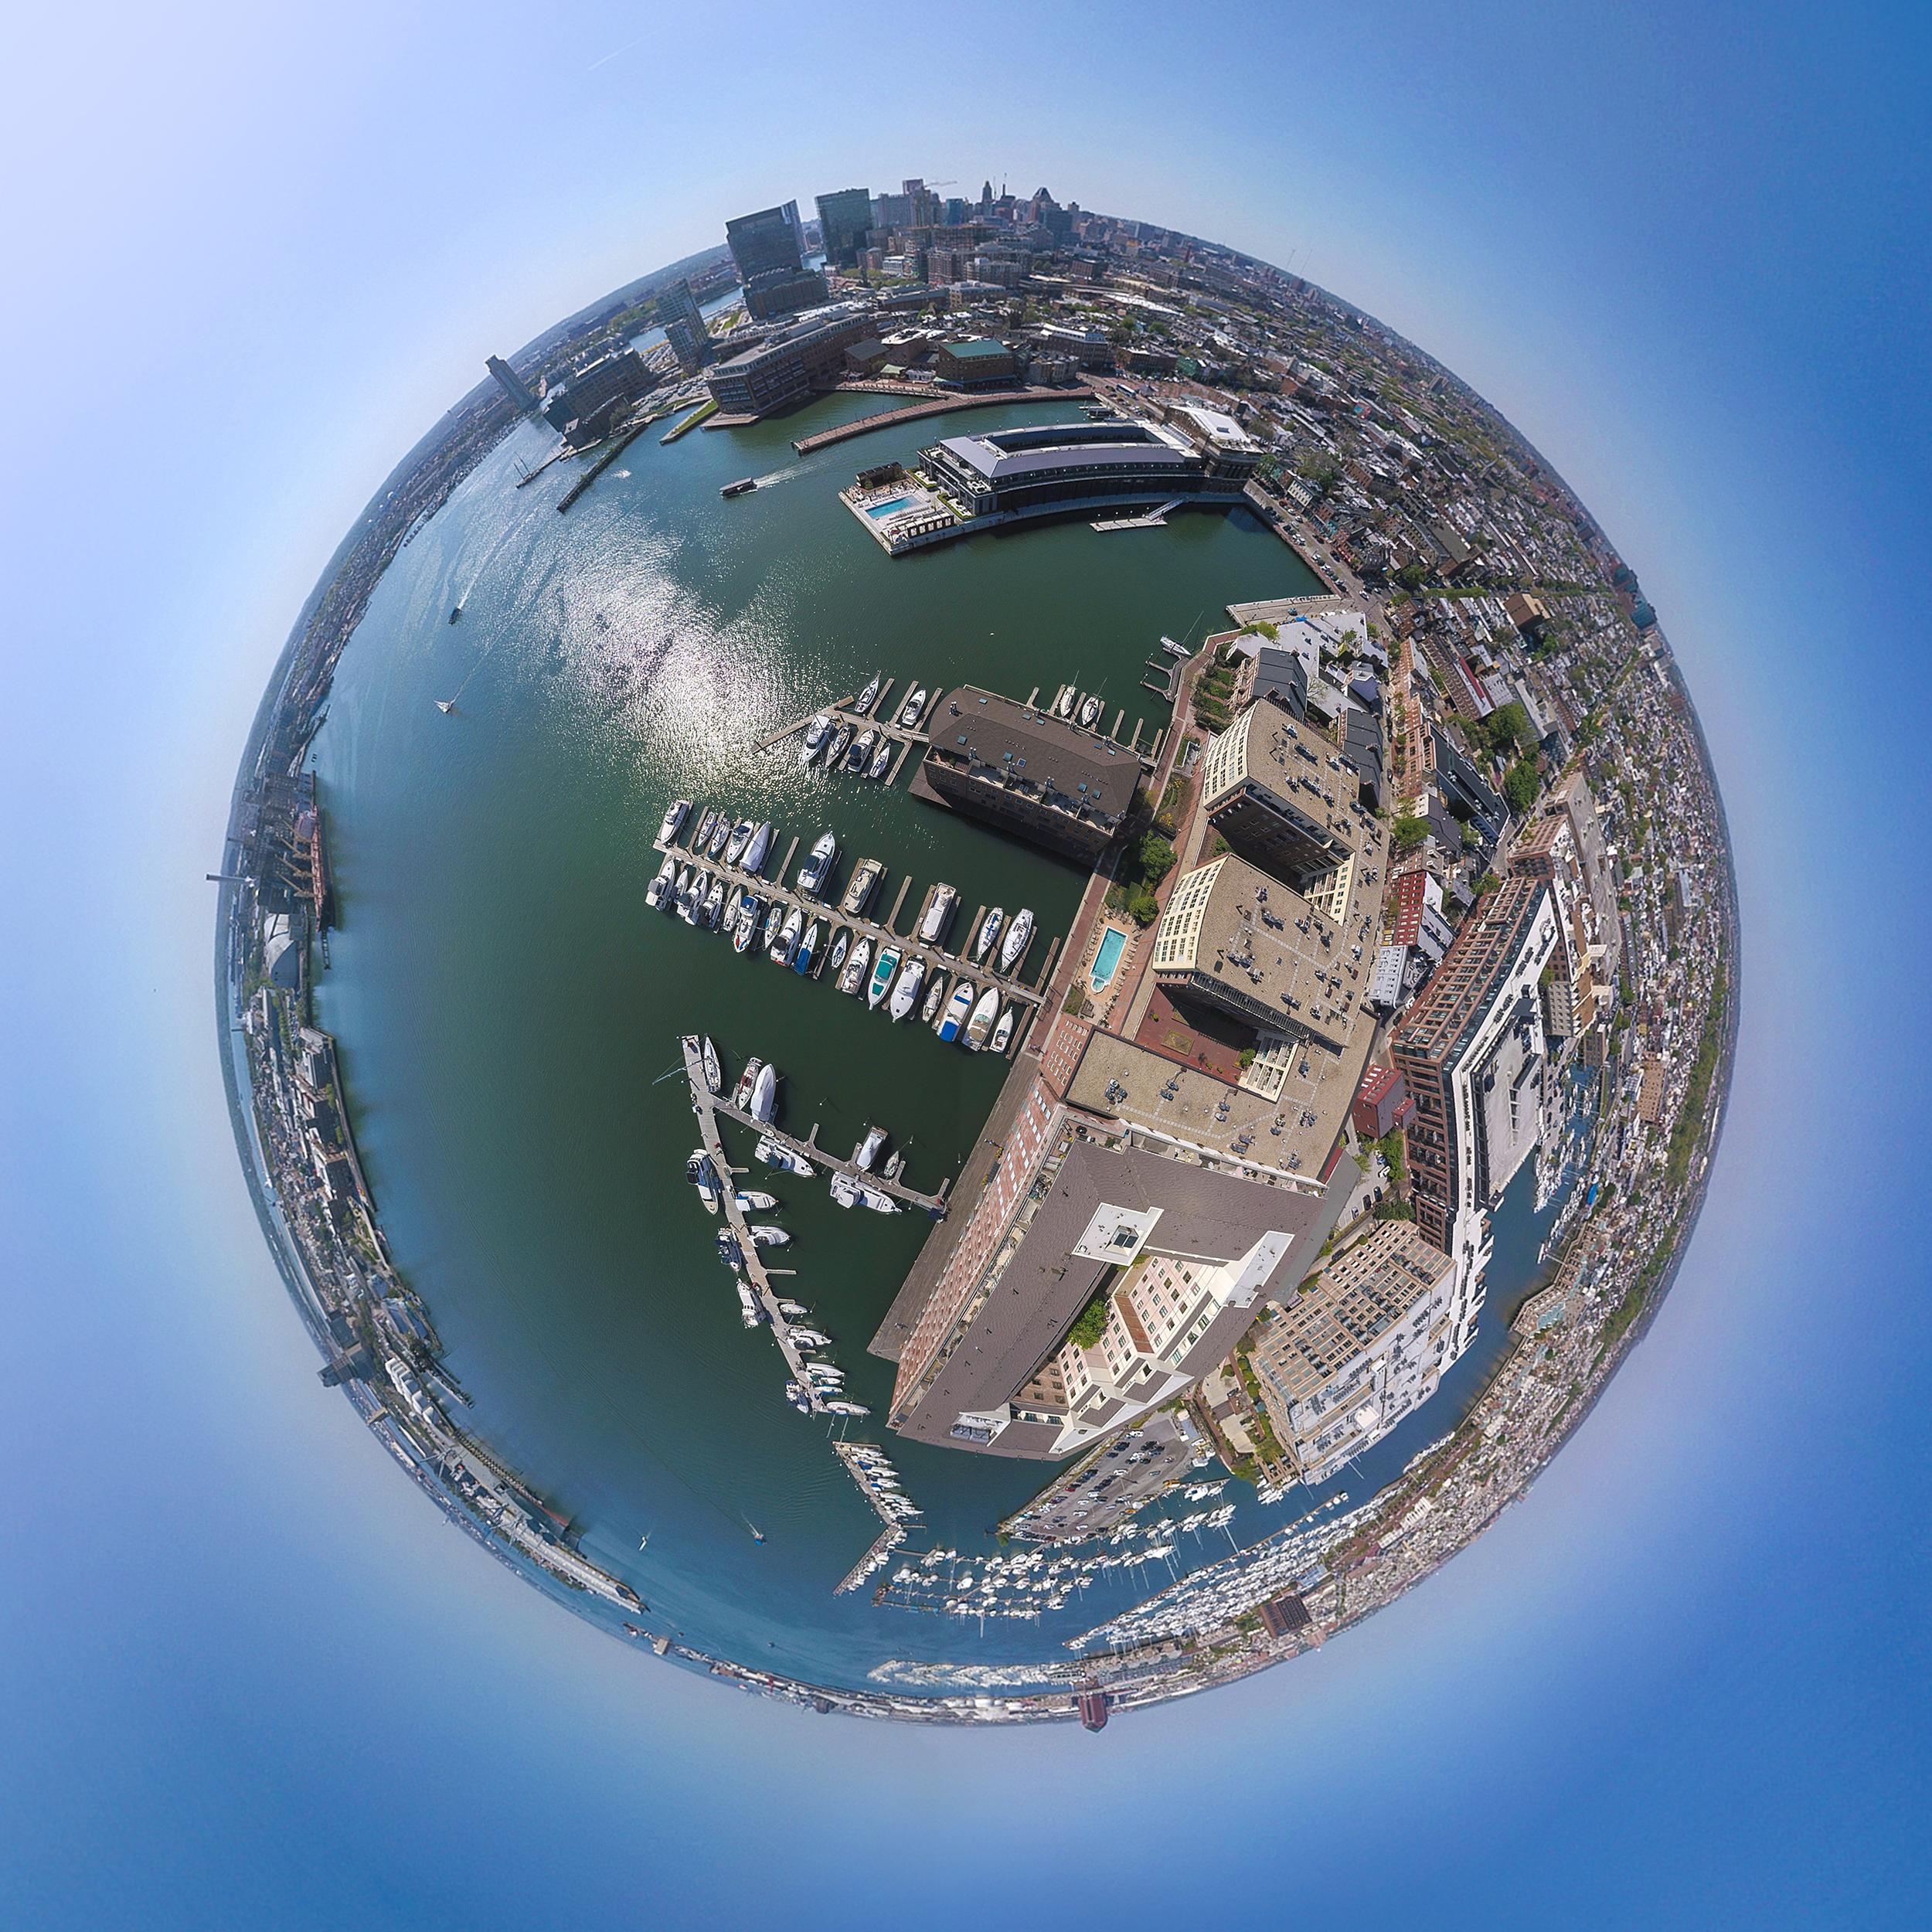 Belts Wharf_LittlePlanet